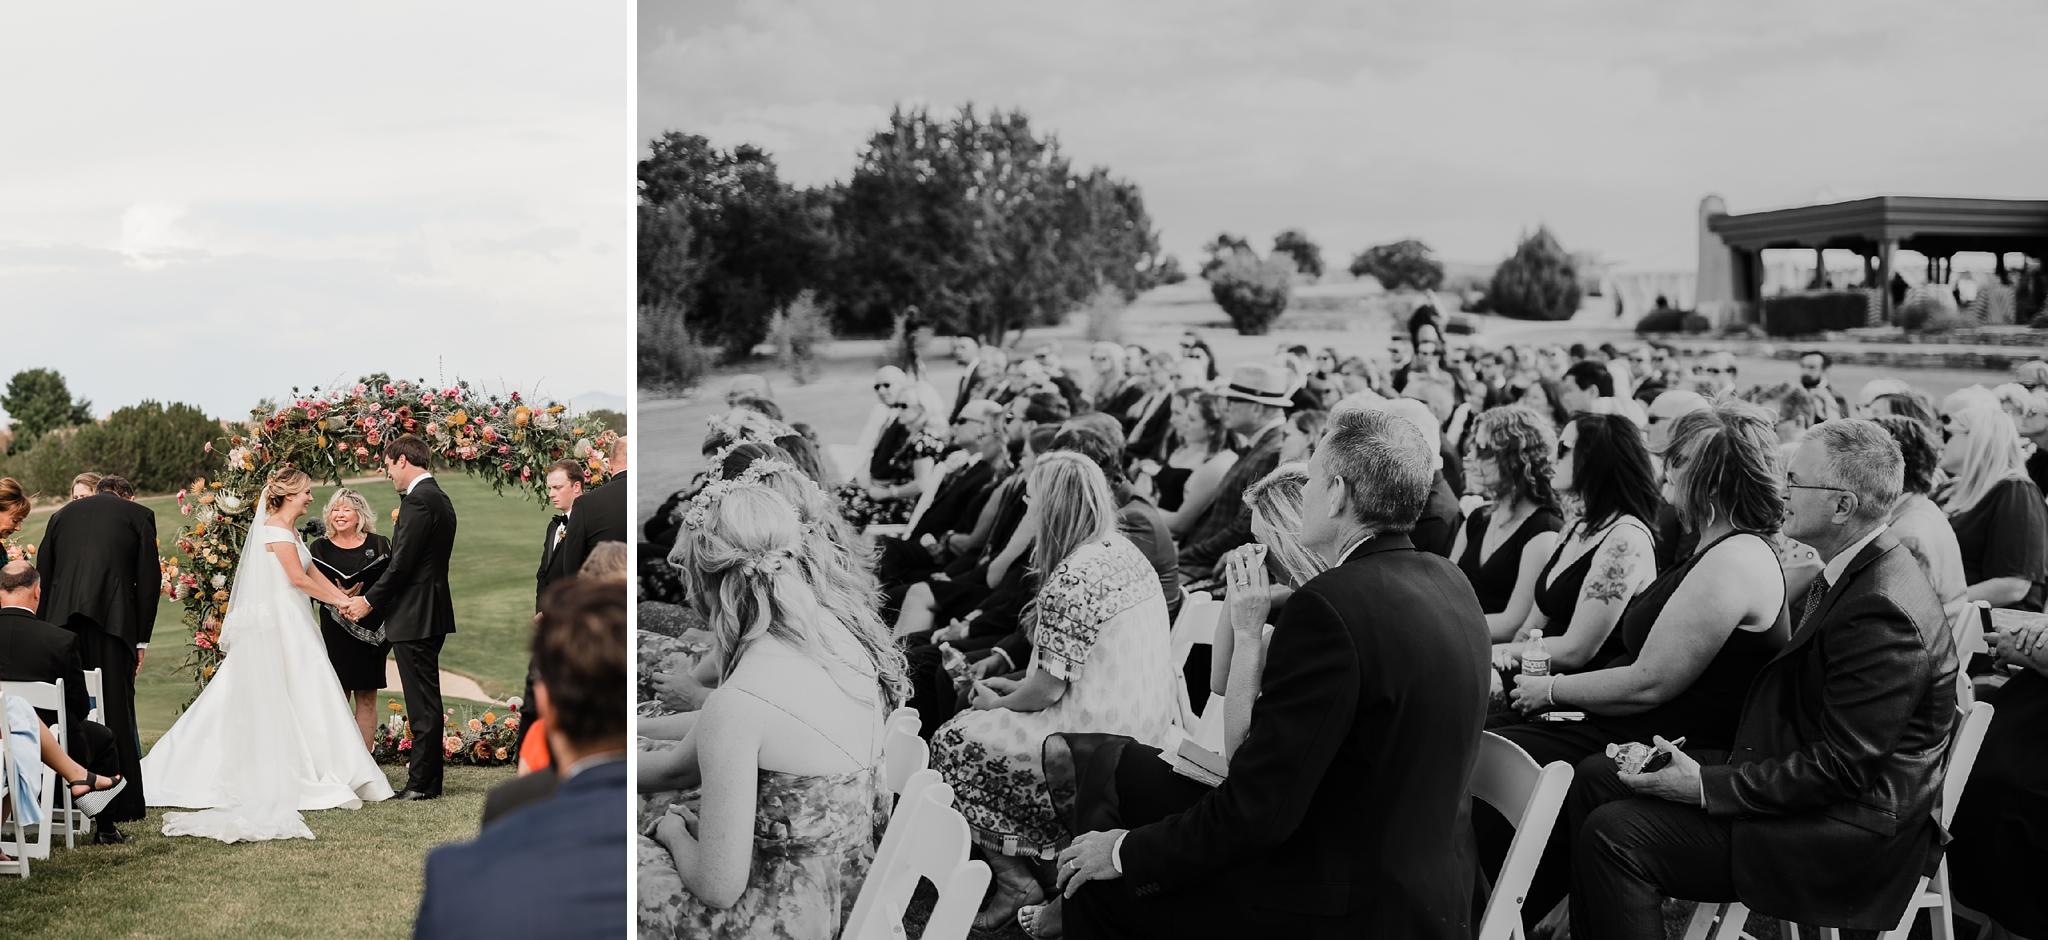 Alicia+lucia+photography+-+albuquerque+wedding+photographer+-+santa+fe+wedding+photography+-+new+mexico+wedding+photographer+-+new+mexico+wedding+-+las+campanas+wedding+-+santa+fe+wedding+-+maximalist+wedding+-+destination+wedding_0060.jpg